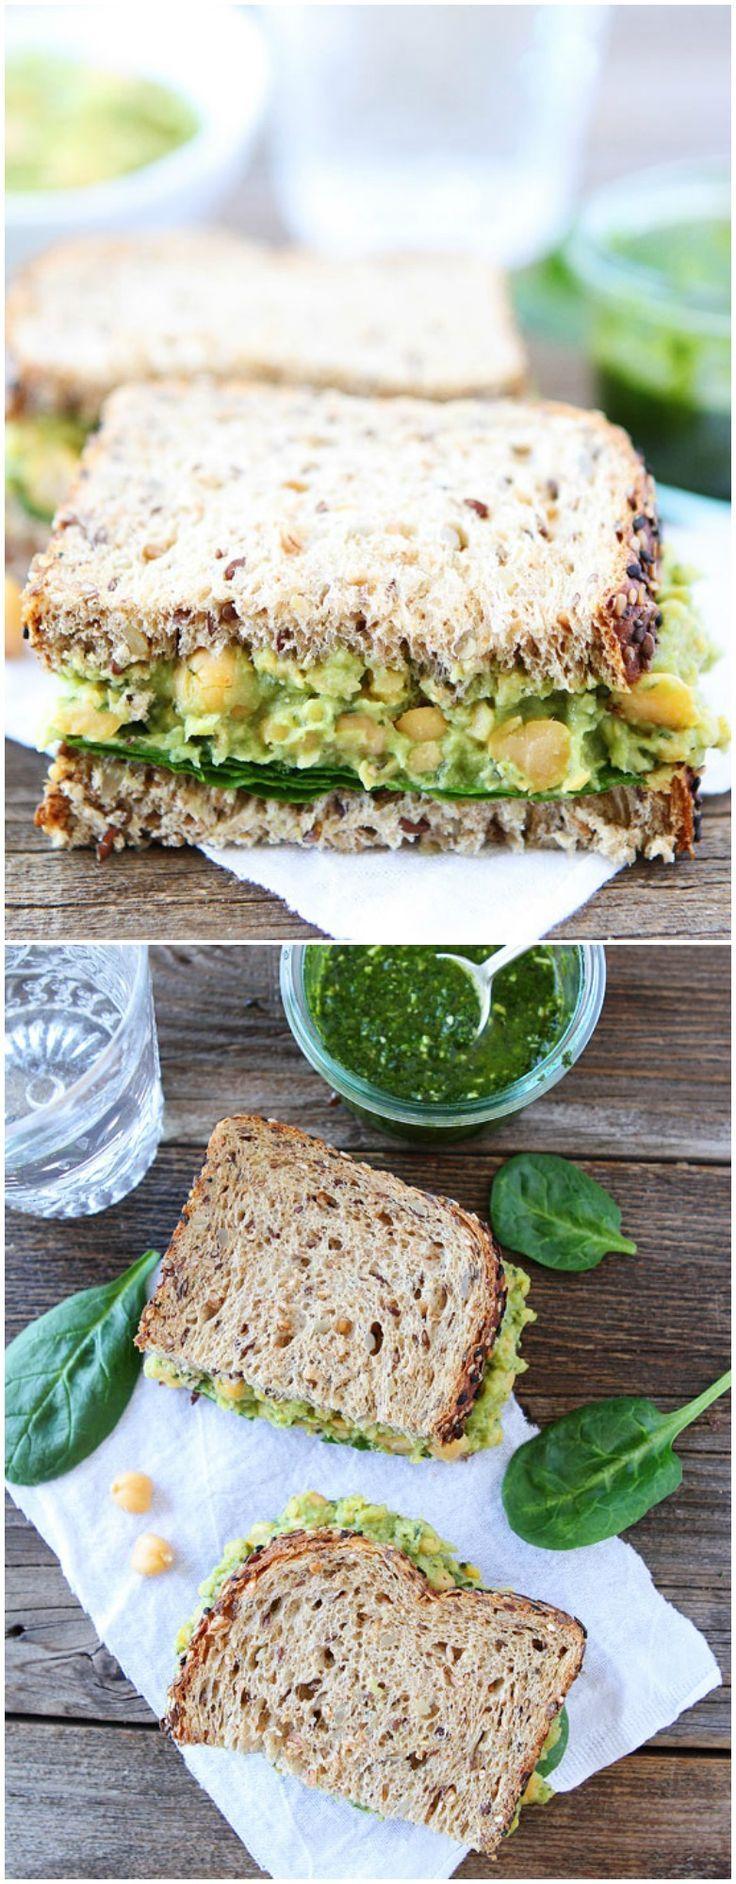 Smashed chickpea, avocado, and pesto salad sandwich | #Healthy #Easy #Recipe | @xhealthyrecipex |